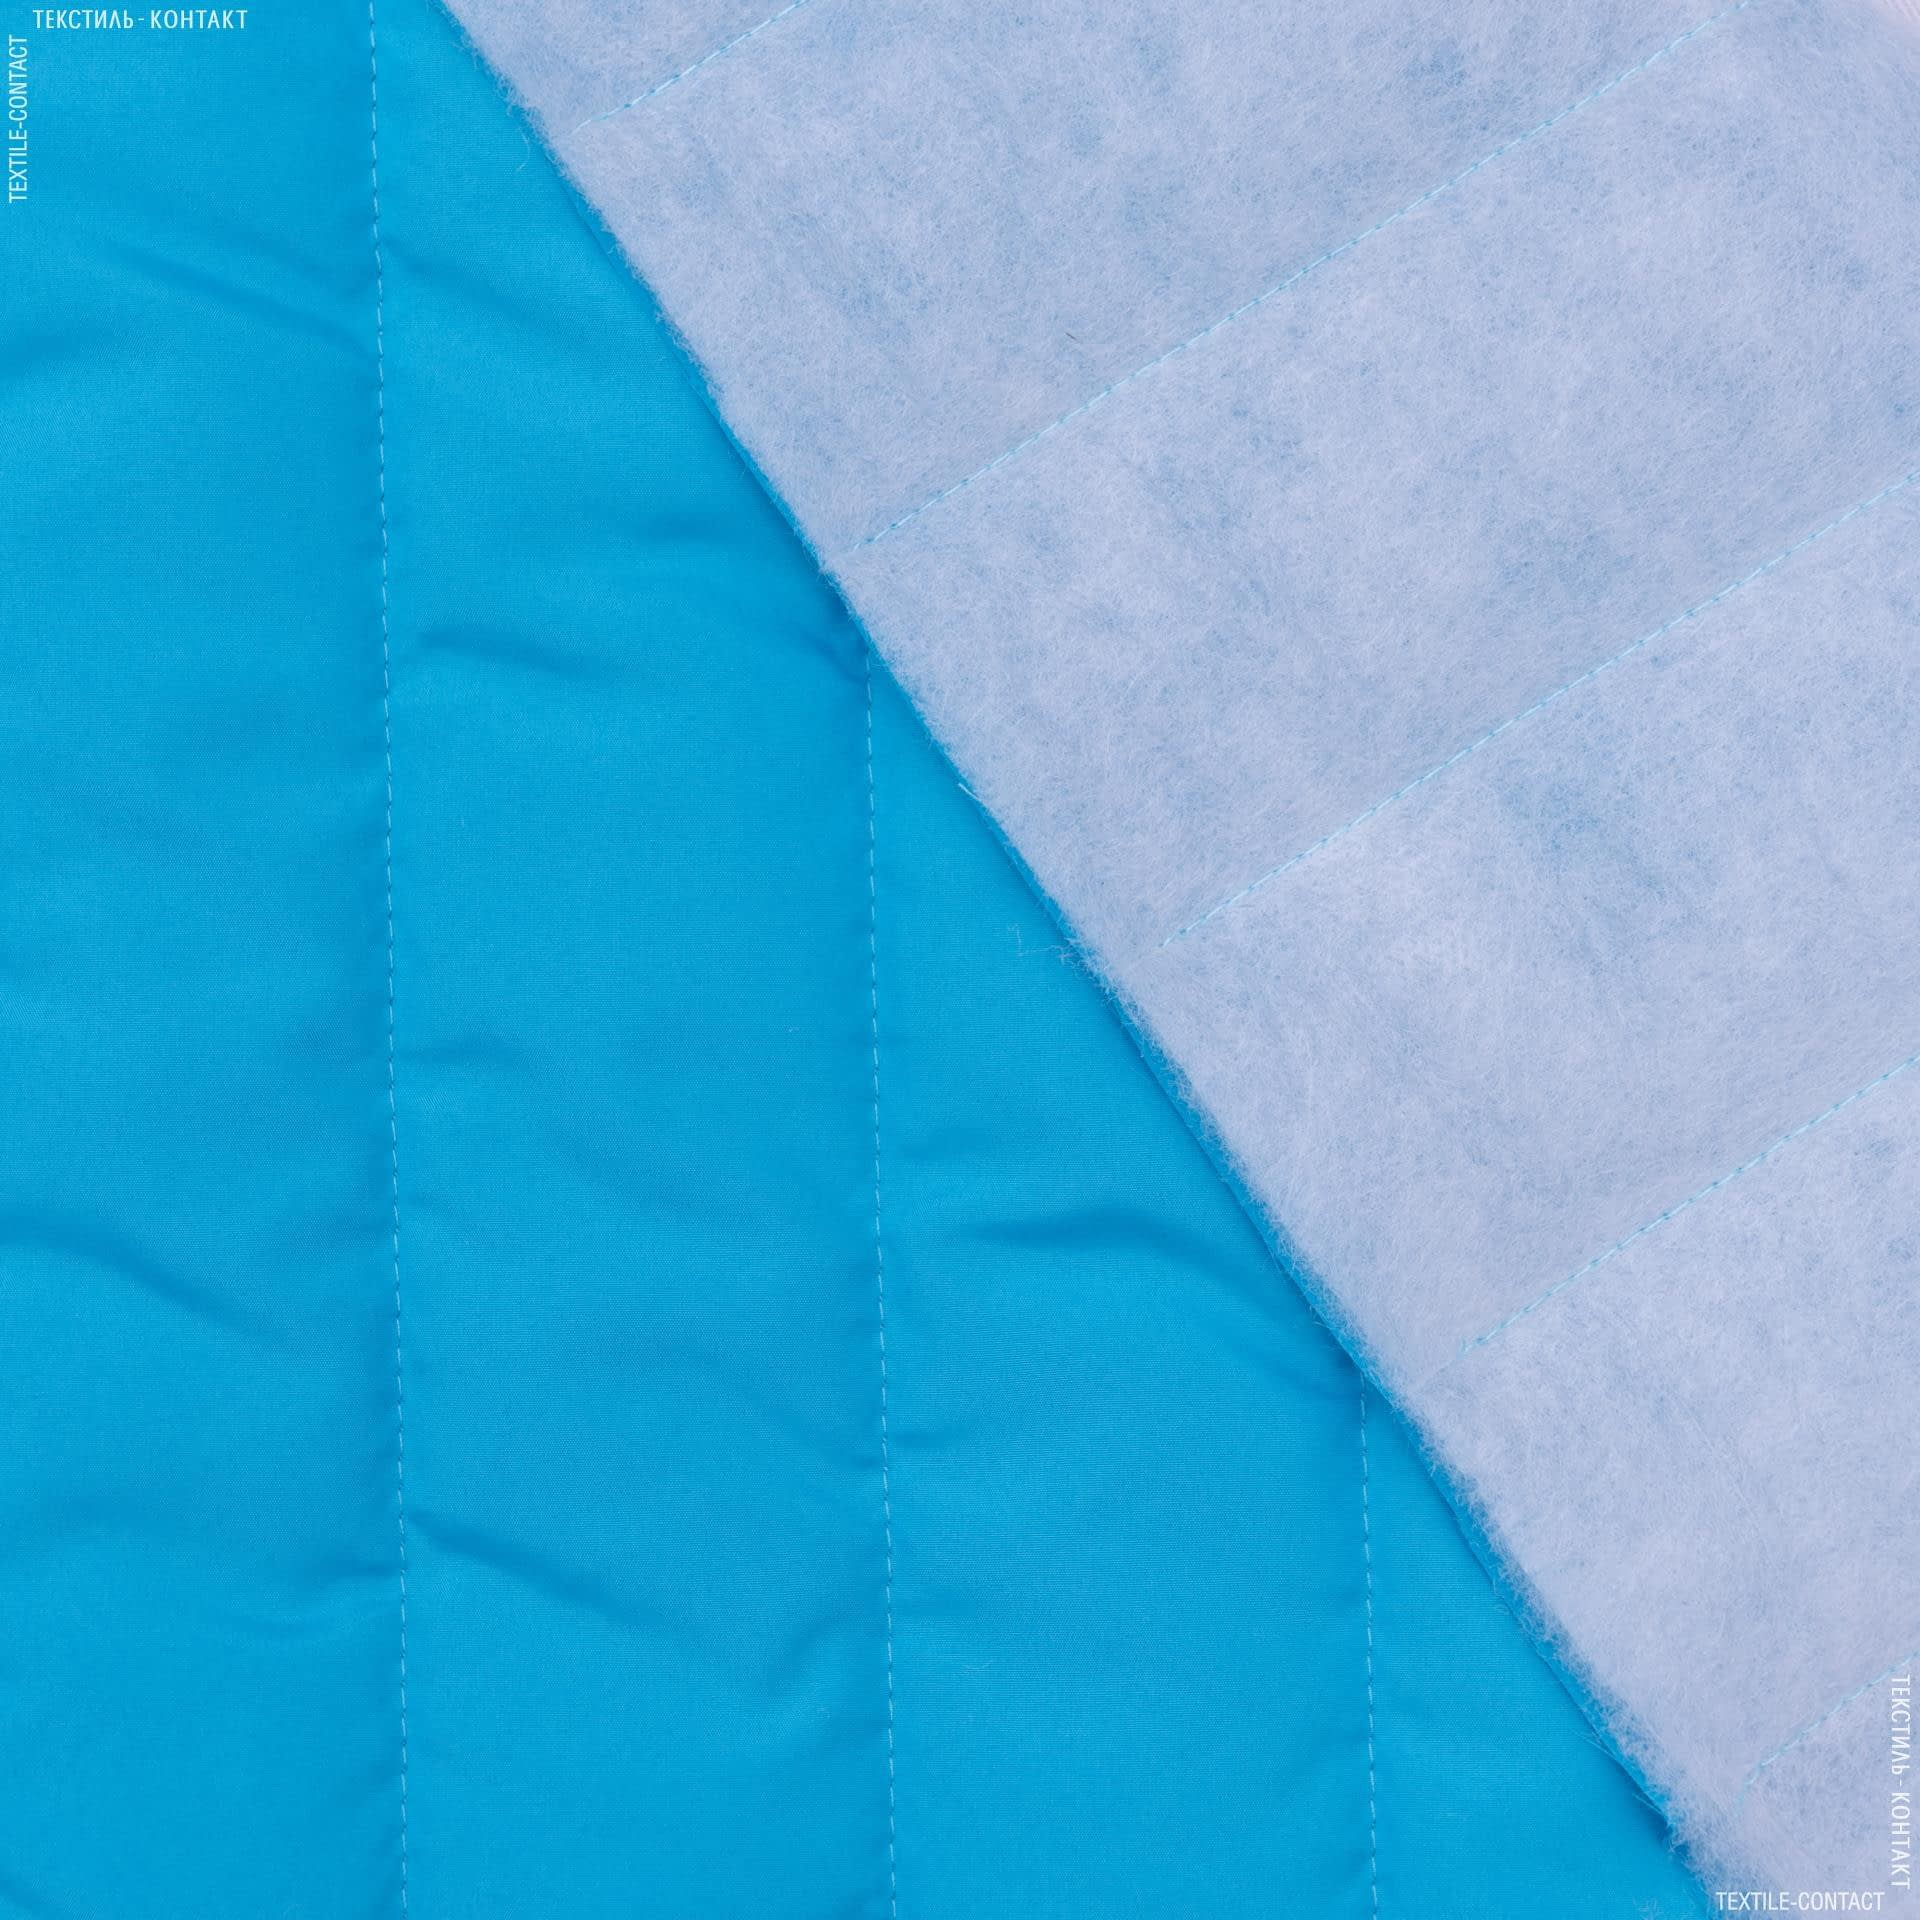 Ткани для верхней одежды - Плащевая фортуна стеганая ярко-голубой